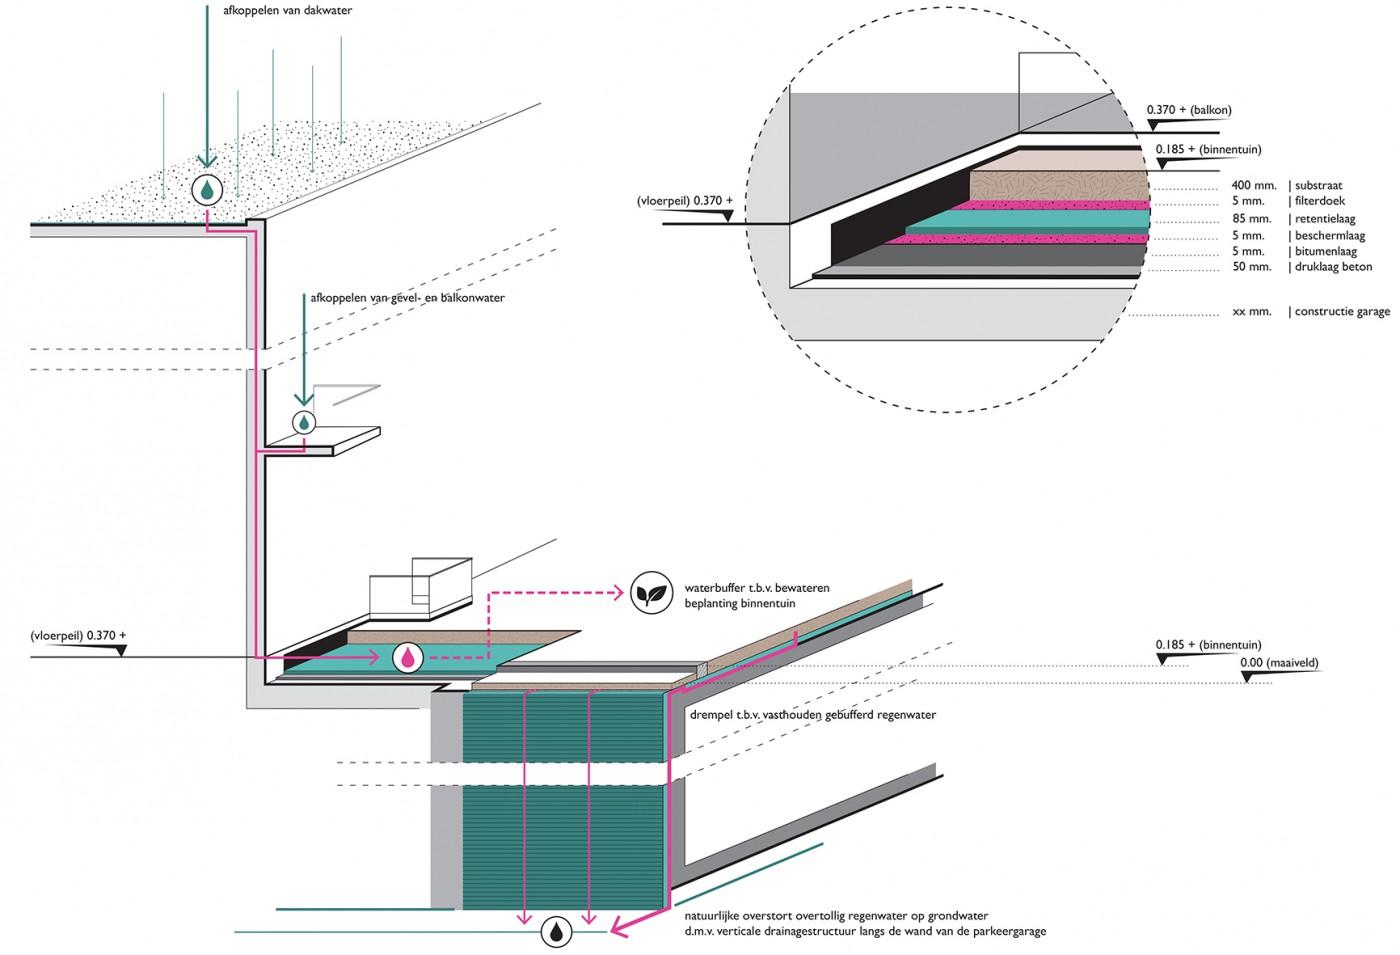 buro-sant-en-co-landschapsarchitectuur-overhoeks-amsterdam-woonomgeving-hoogteverschillen-gronddekking-duurzaam-watersysteem